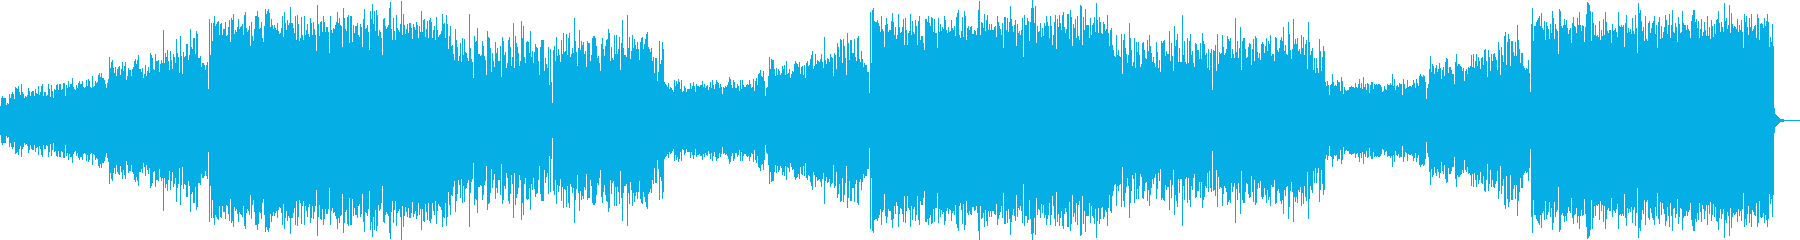 エキサイティング・CM・バトル・EDMの再生済みの波形